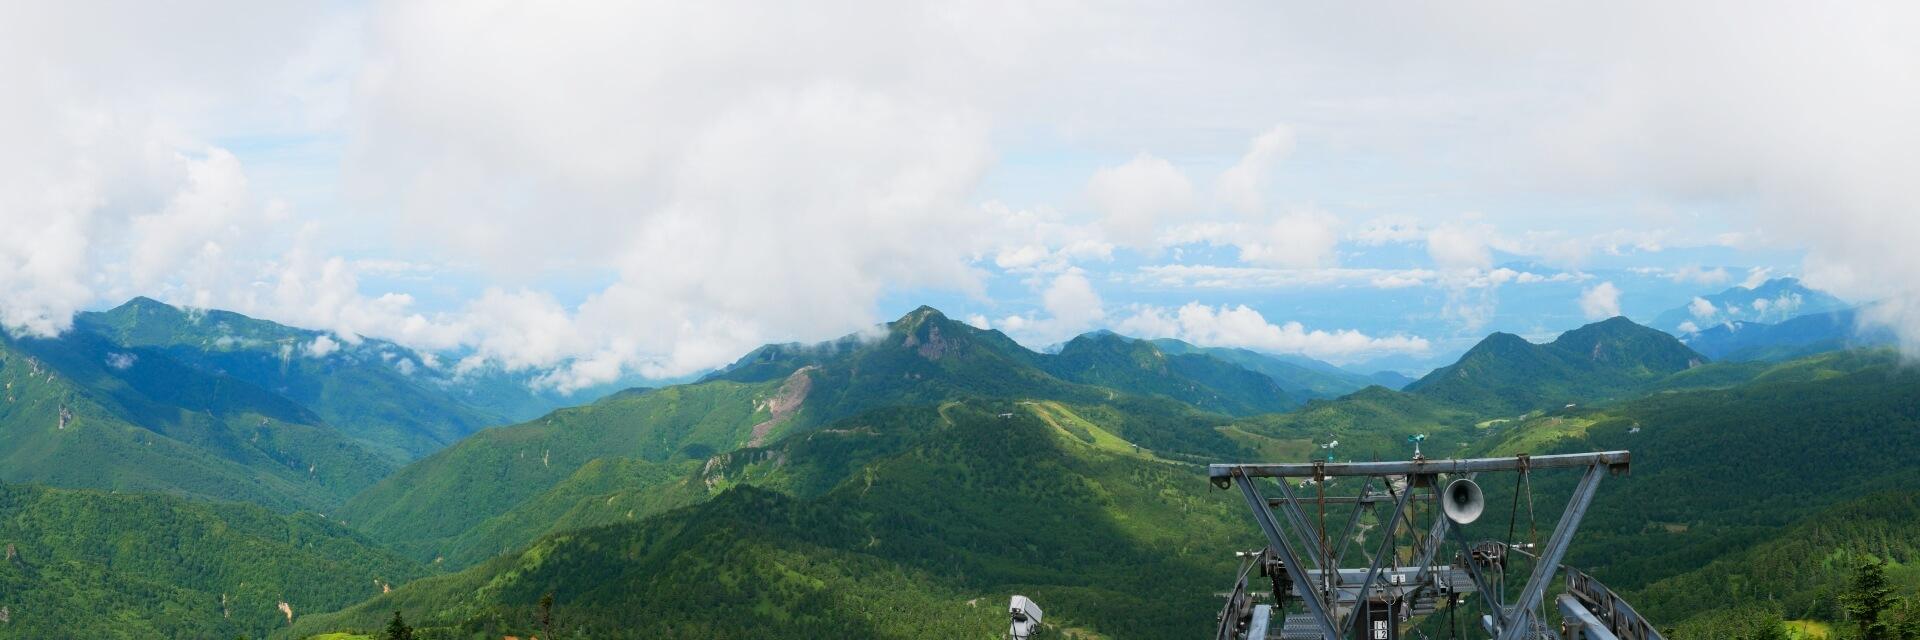 shiga-kogen-yokoteyama-green-season